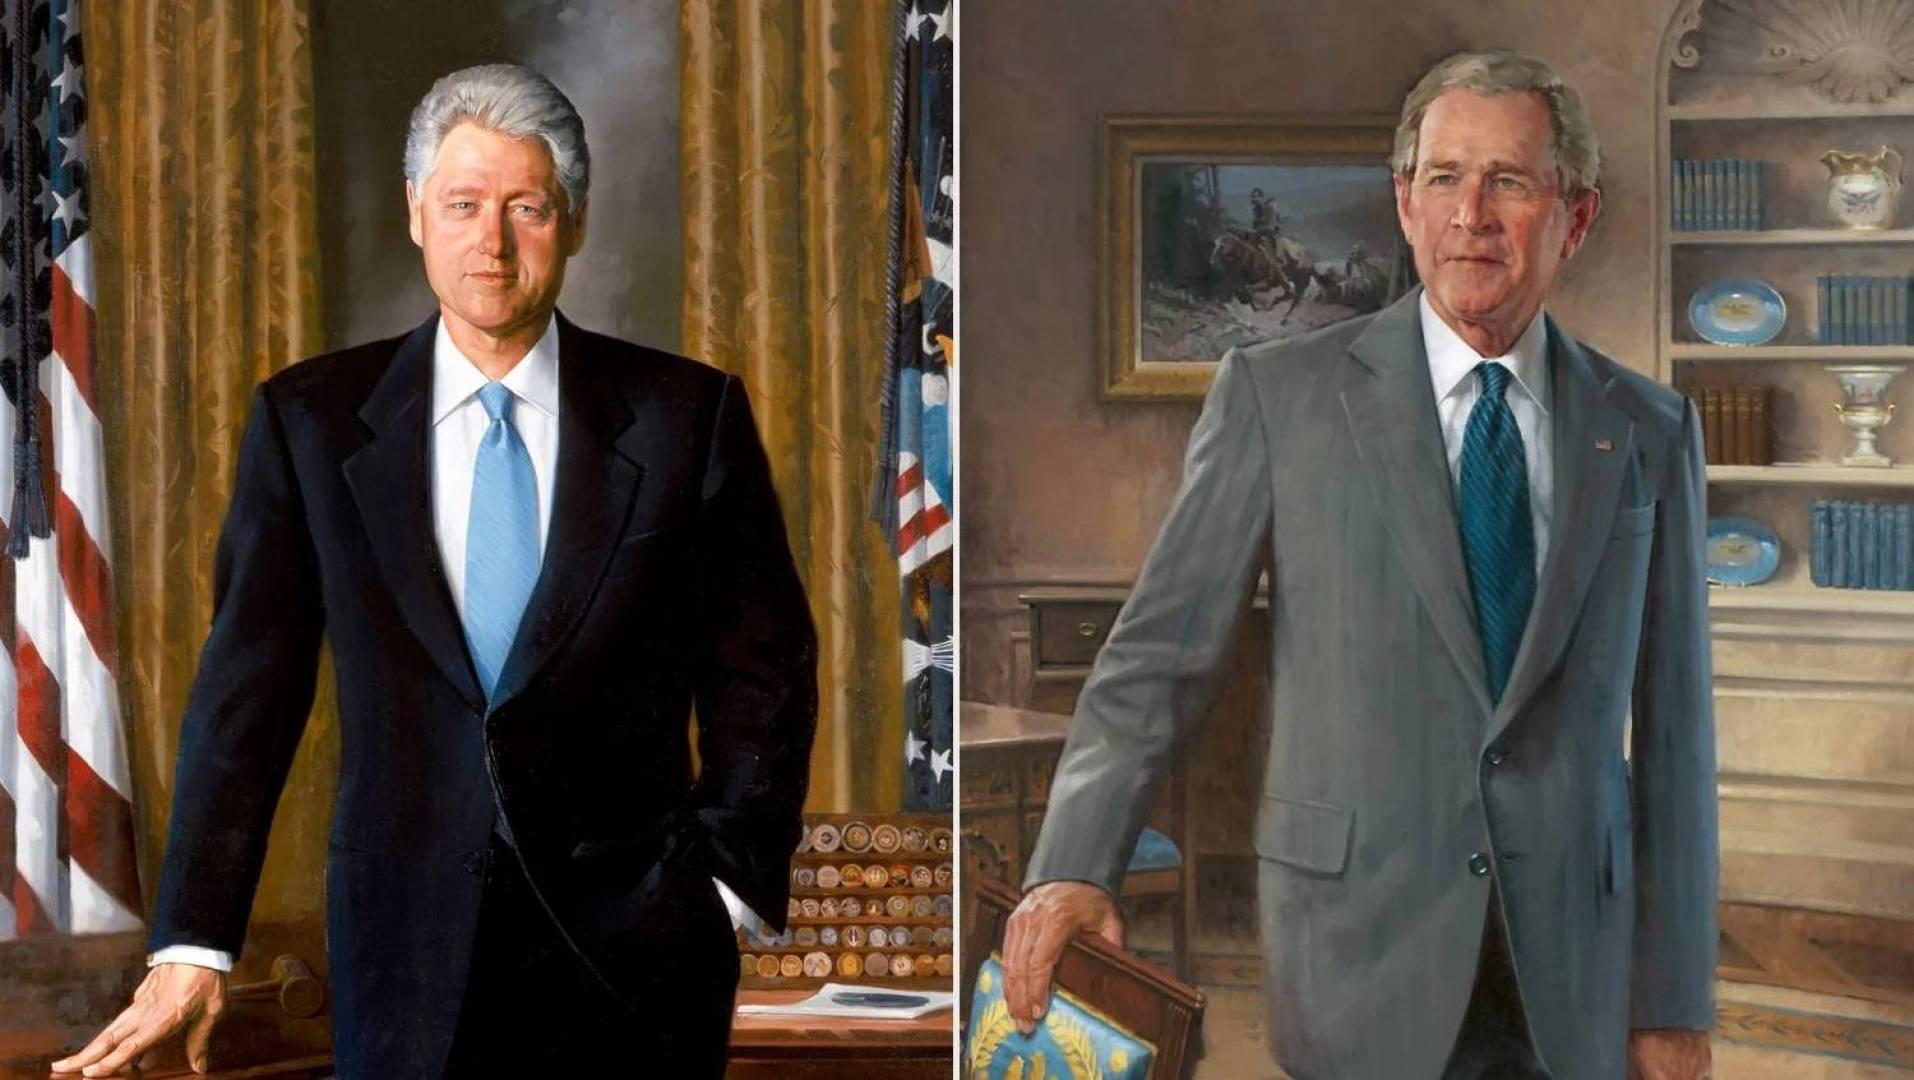 إزالة صورتي بيل كلينتون وجورج بوش الابن من ردهة البيت الأبيض